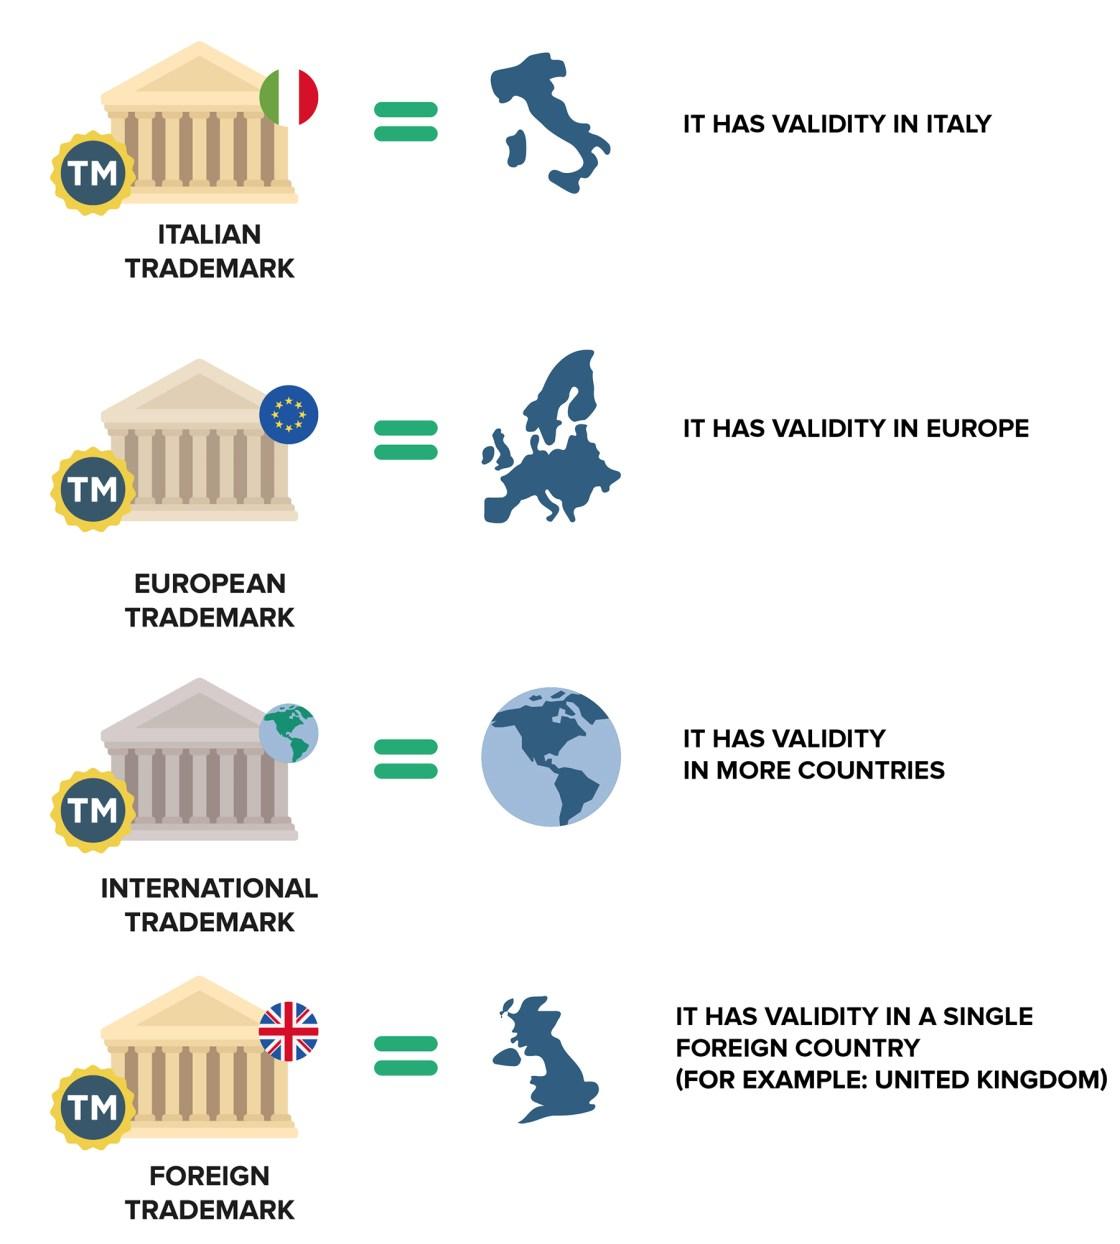 Ufficio Brevetti - Trademarks: territoriality